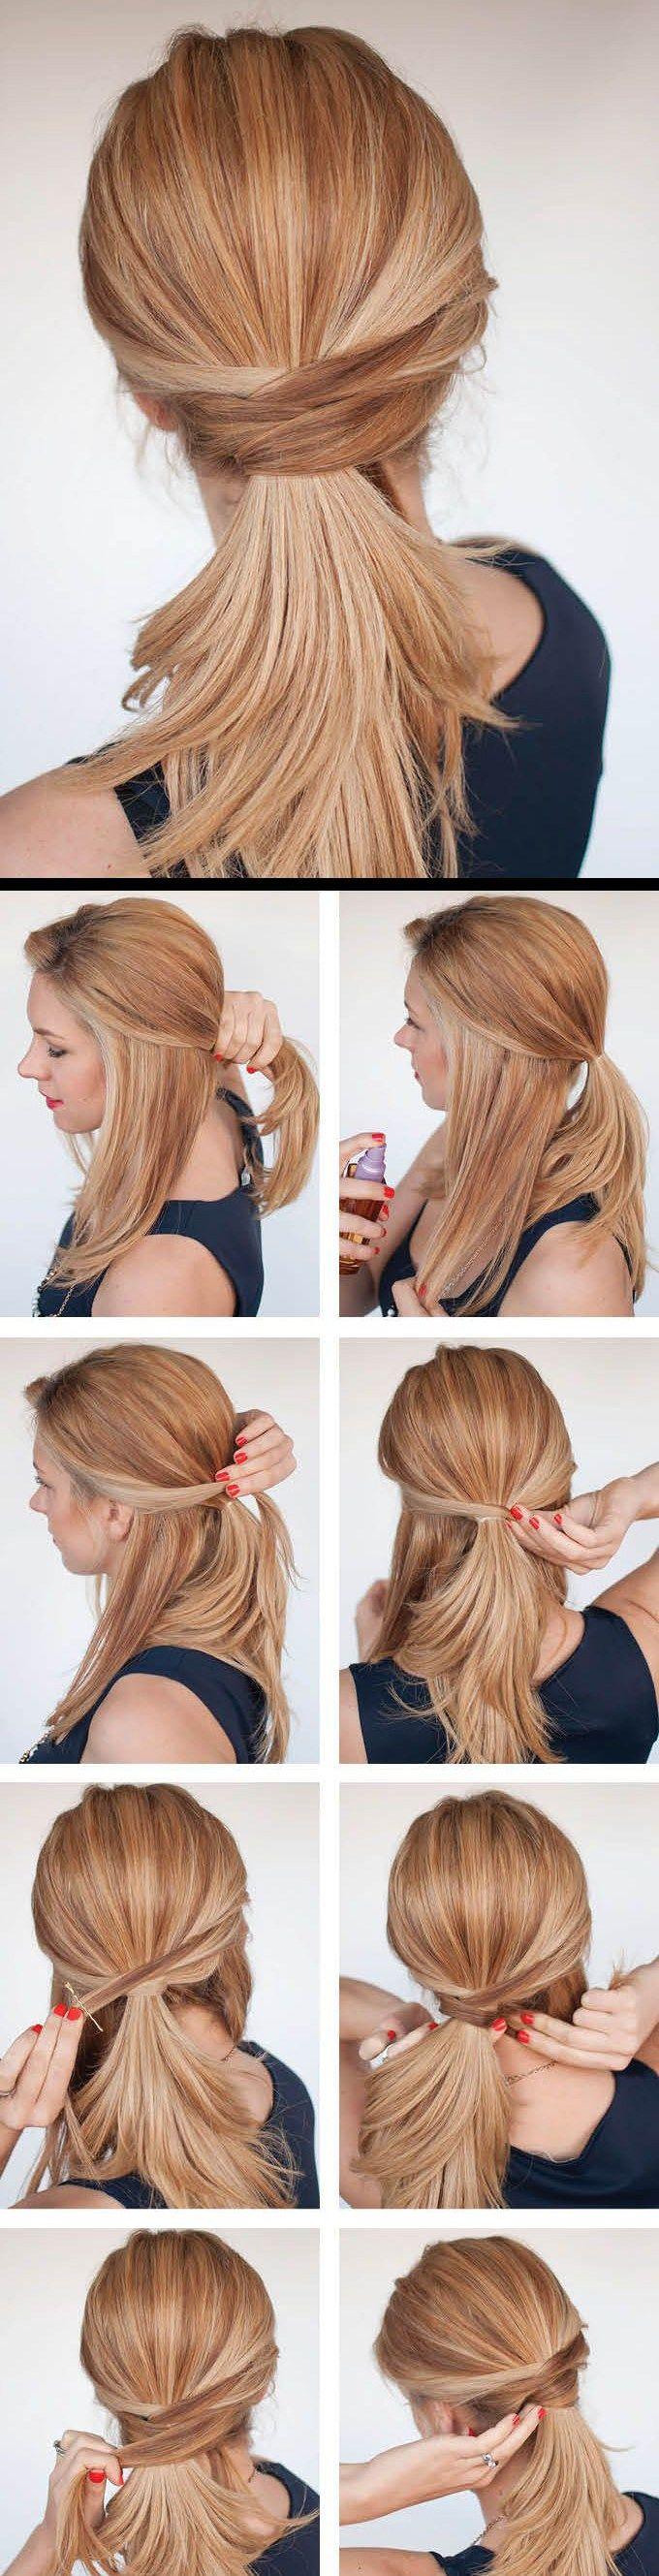 best 25+ flight attendant hair ideas on pinterest | thai flight